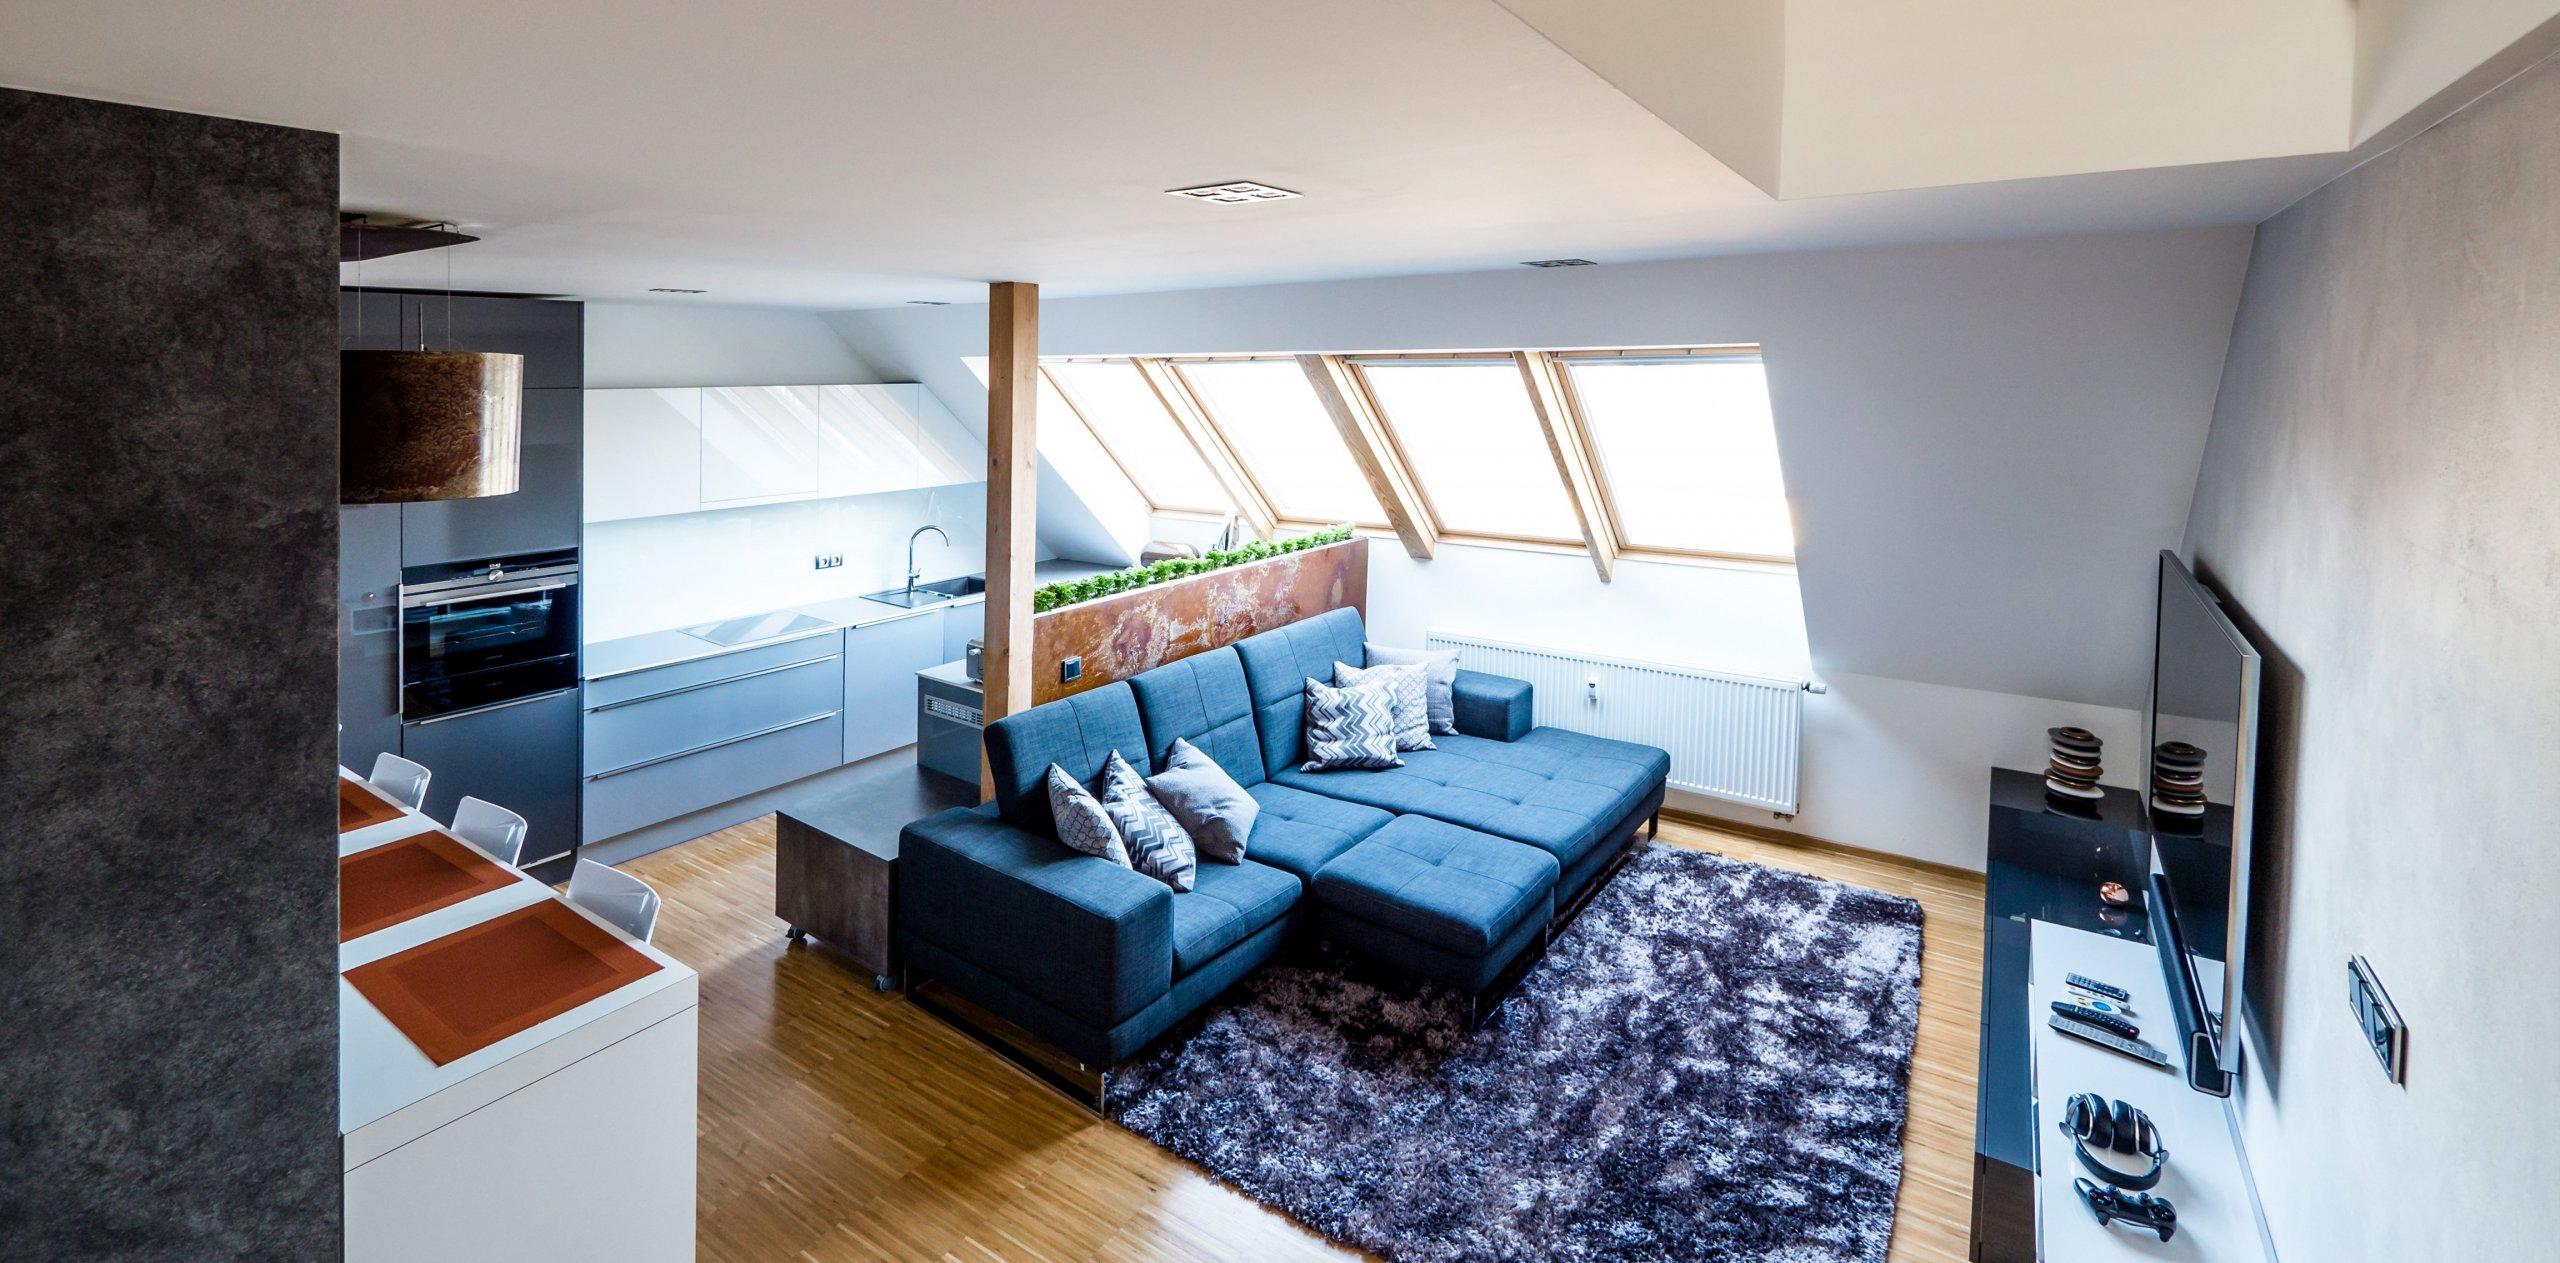 V bytě zůstaly původní podlahy, dveře a okna ve výrazném odstínu dubového dřeva, které by bylo velice nákladné měnit...